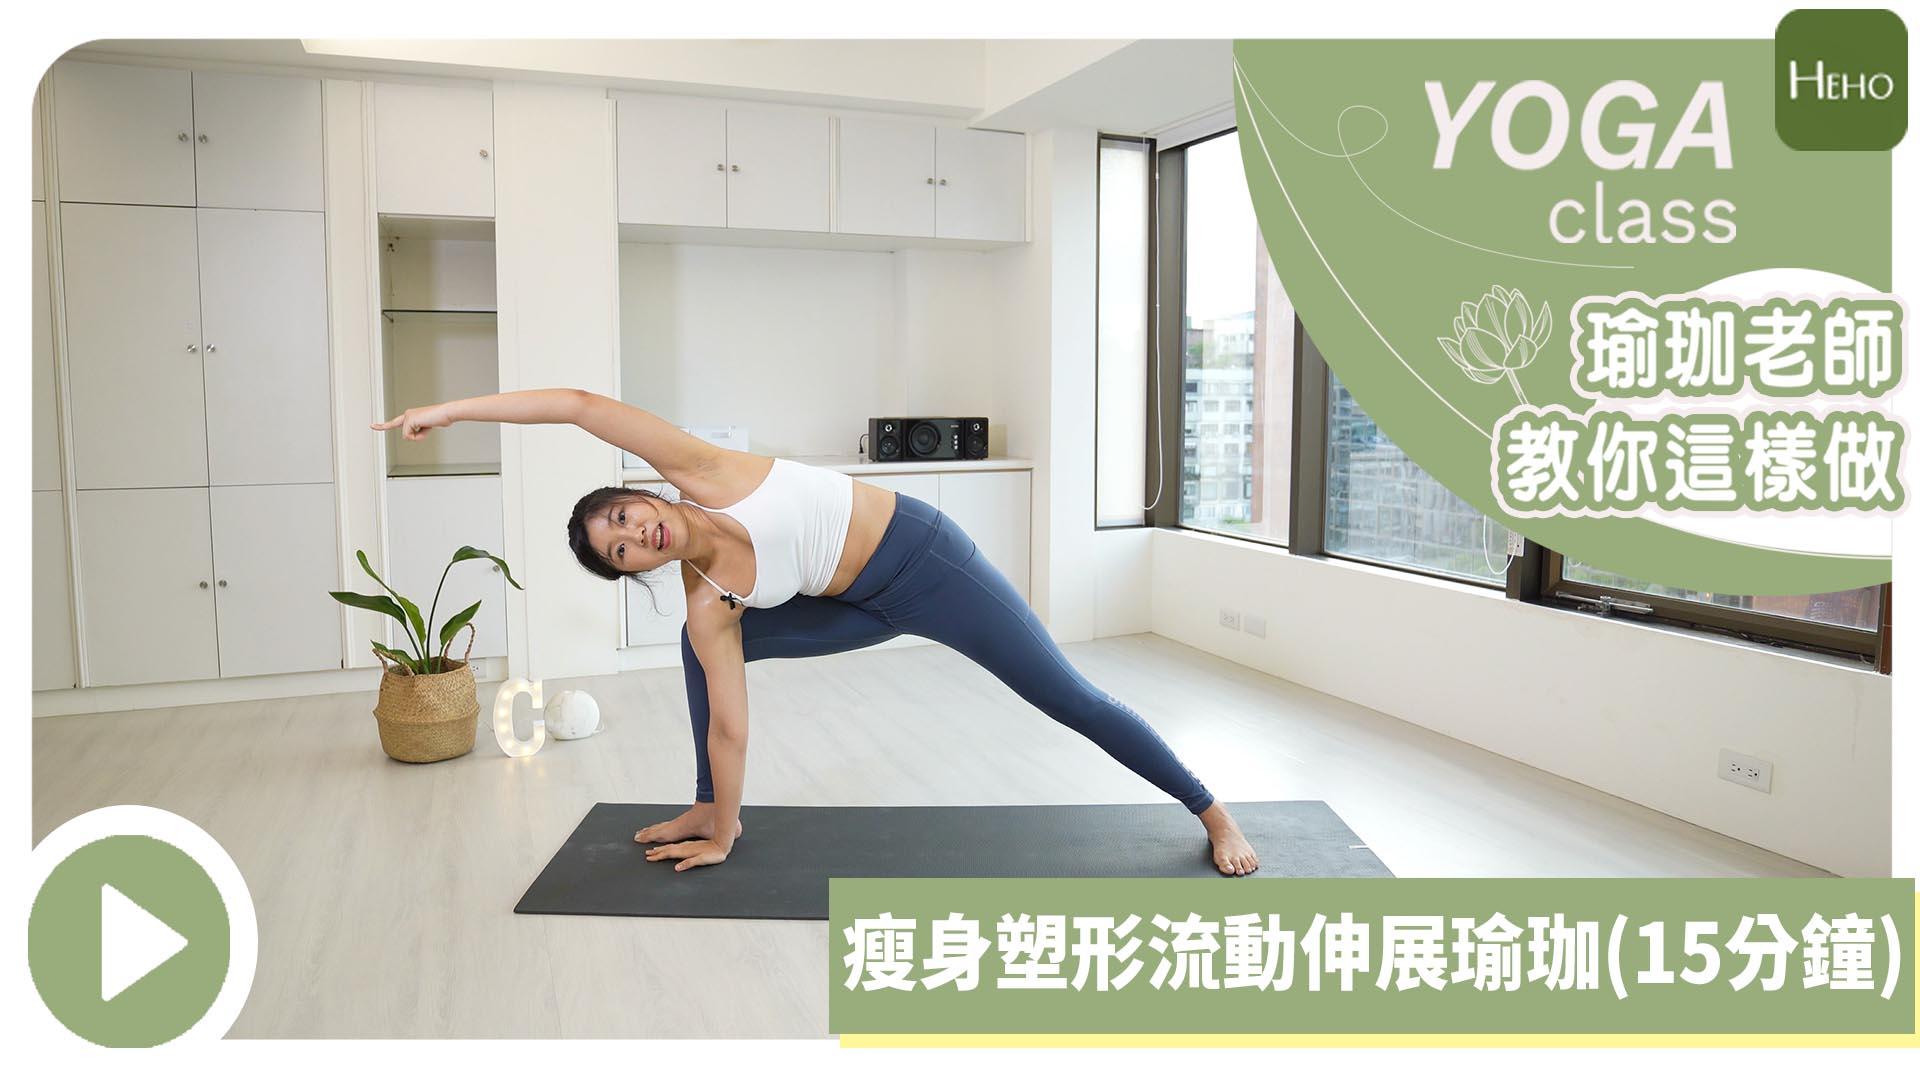 【Heho瑜珈】消脂瘦身運動!「15 分鐘瘦身塑形流動瑜伽」雕塑腿部線條、還能增加心肺能力!